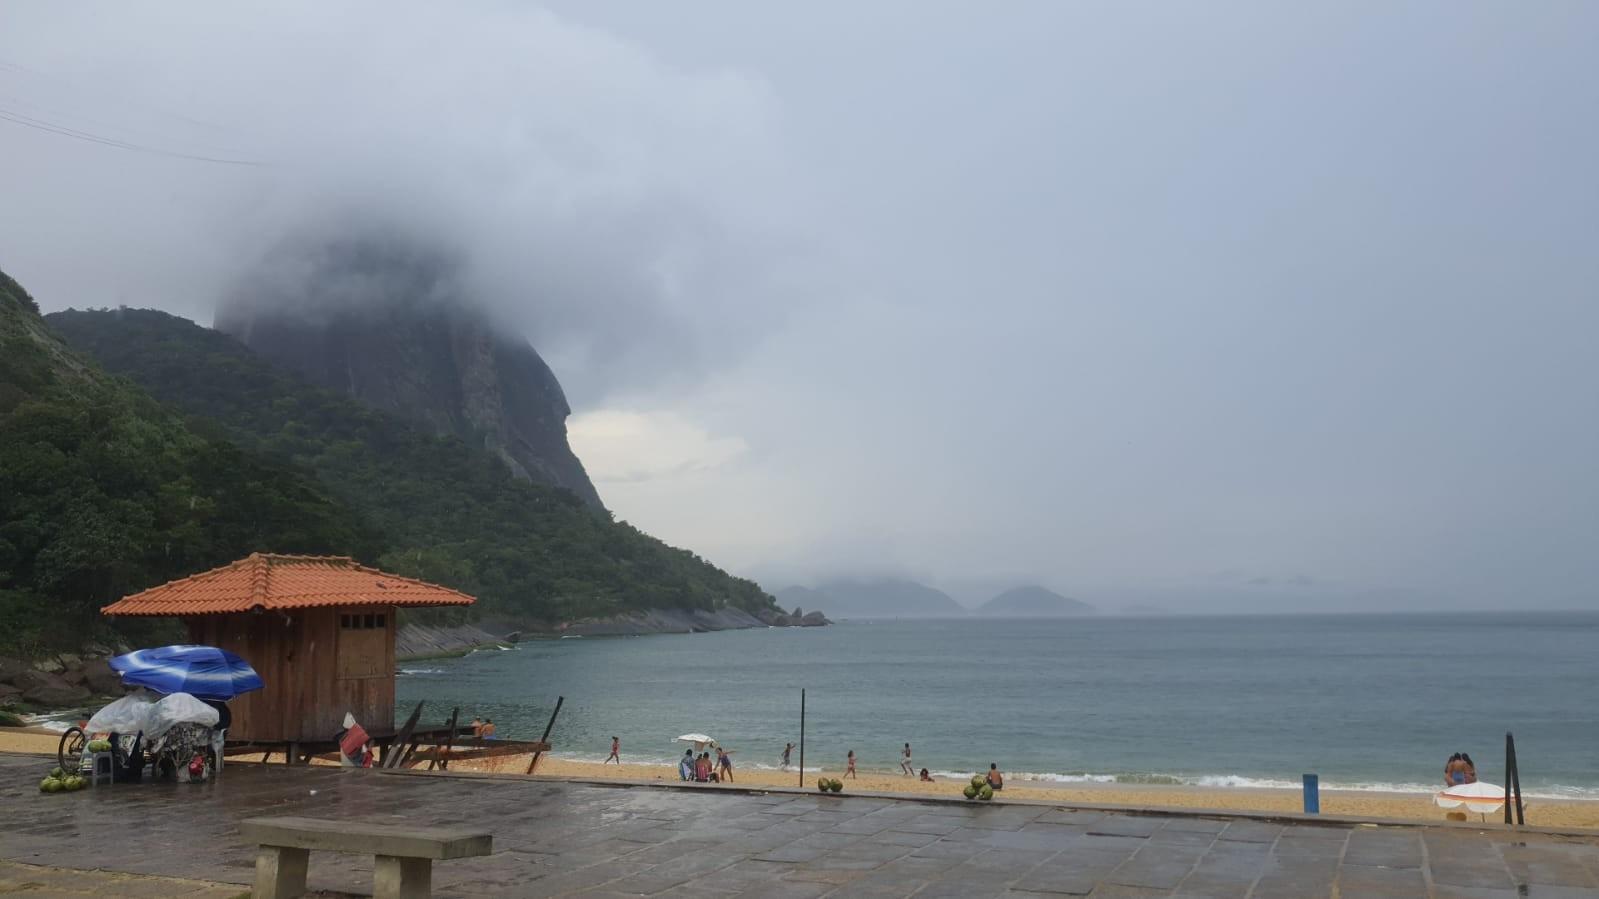 Rio entra em estágio de mobilização por causa de chuva